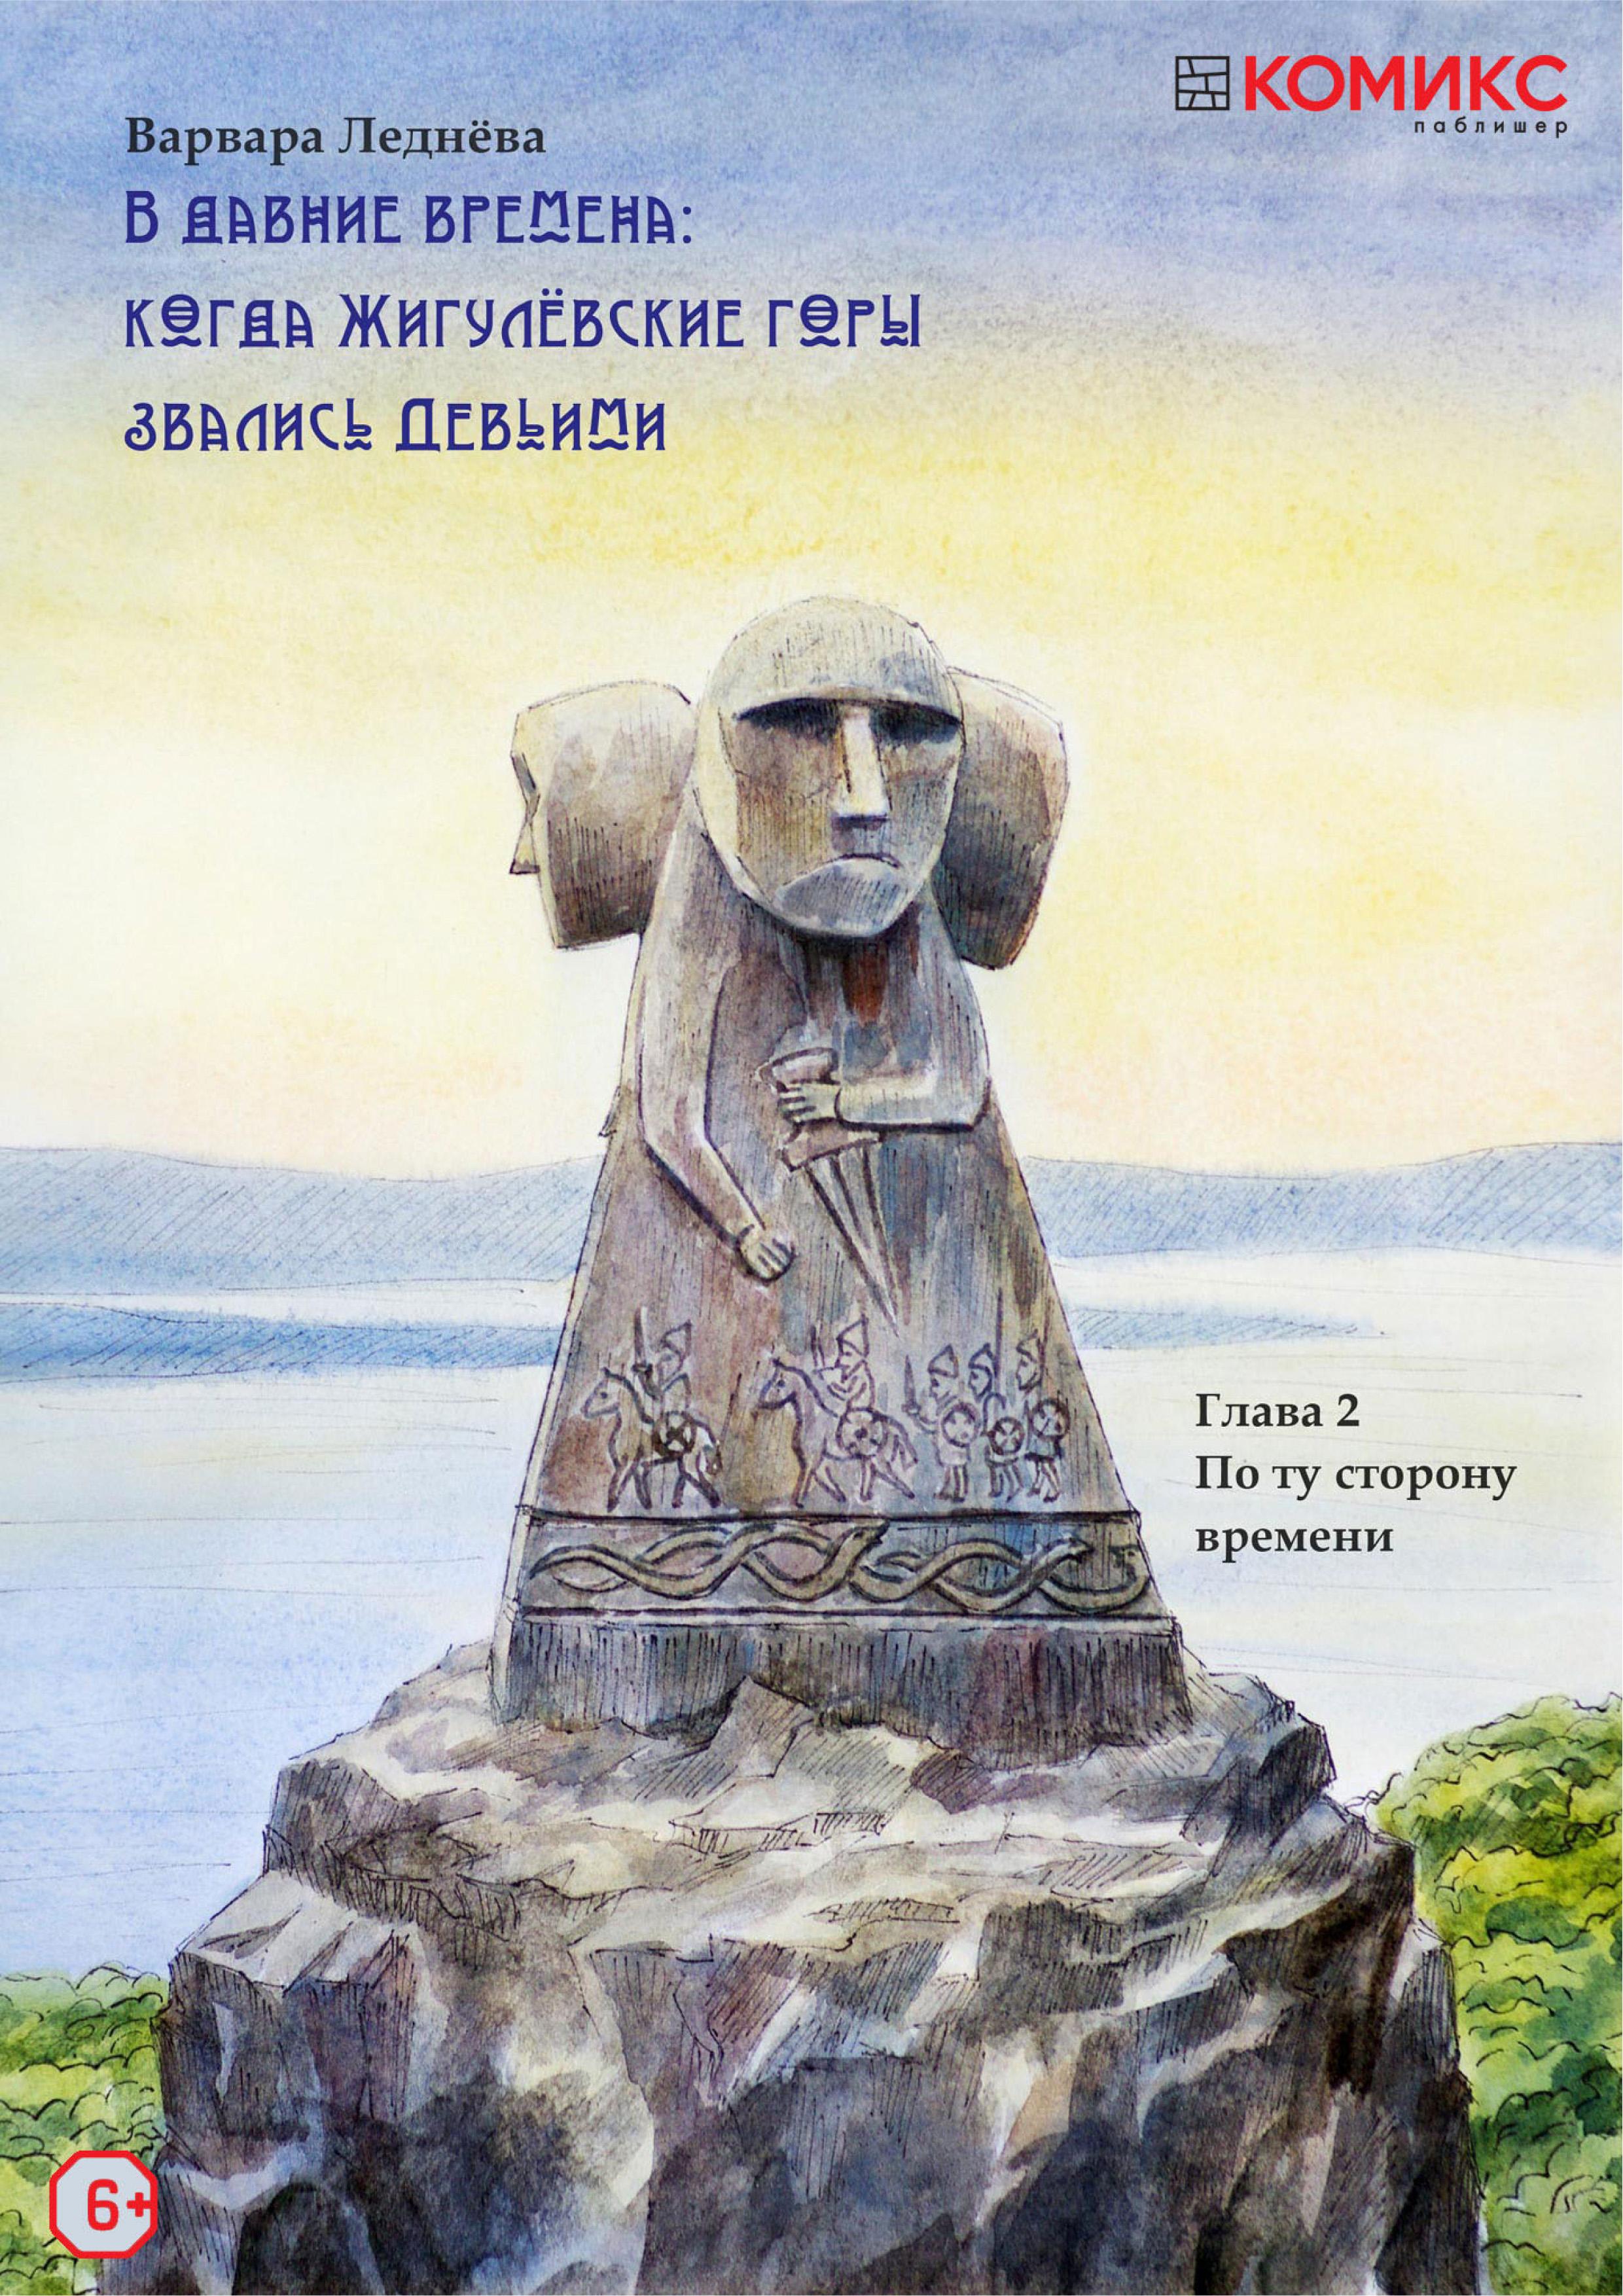 Варвара Леднёва В Давние времена: Когда Жигулевские горы звались Девичьими. Глава 2. По ту сторону времени рыжков в сияющий алтай горы люди приключения